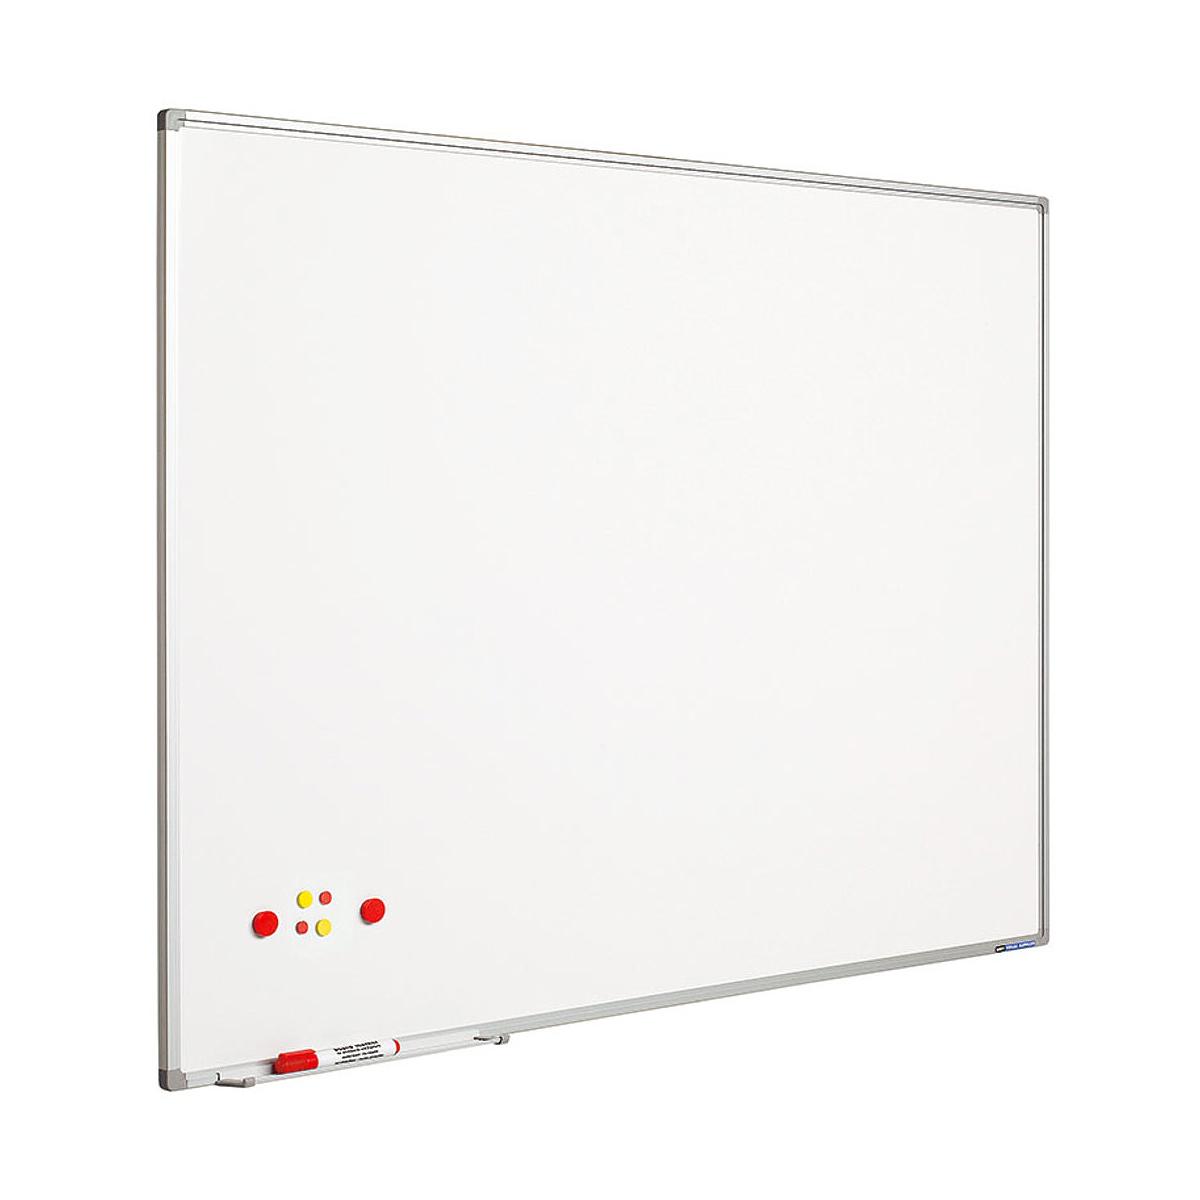 Tablă Albă Magnetică, Profil Aluminiu SL, Diferite Dimensiuni, SMIT, 11103260, 11103261, 11103262, 11103263, 11103264, 11103293, 11103294, 11103295